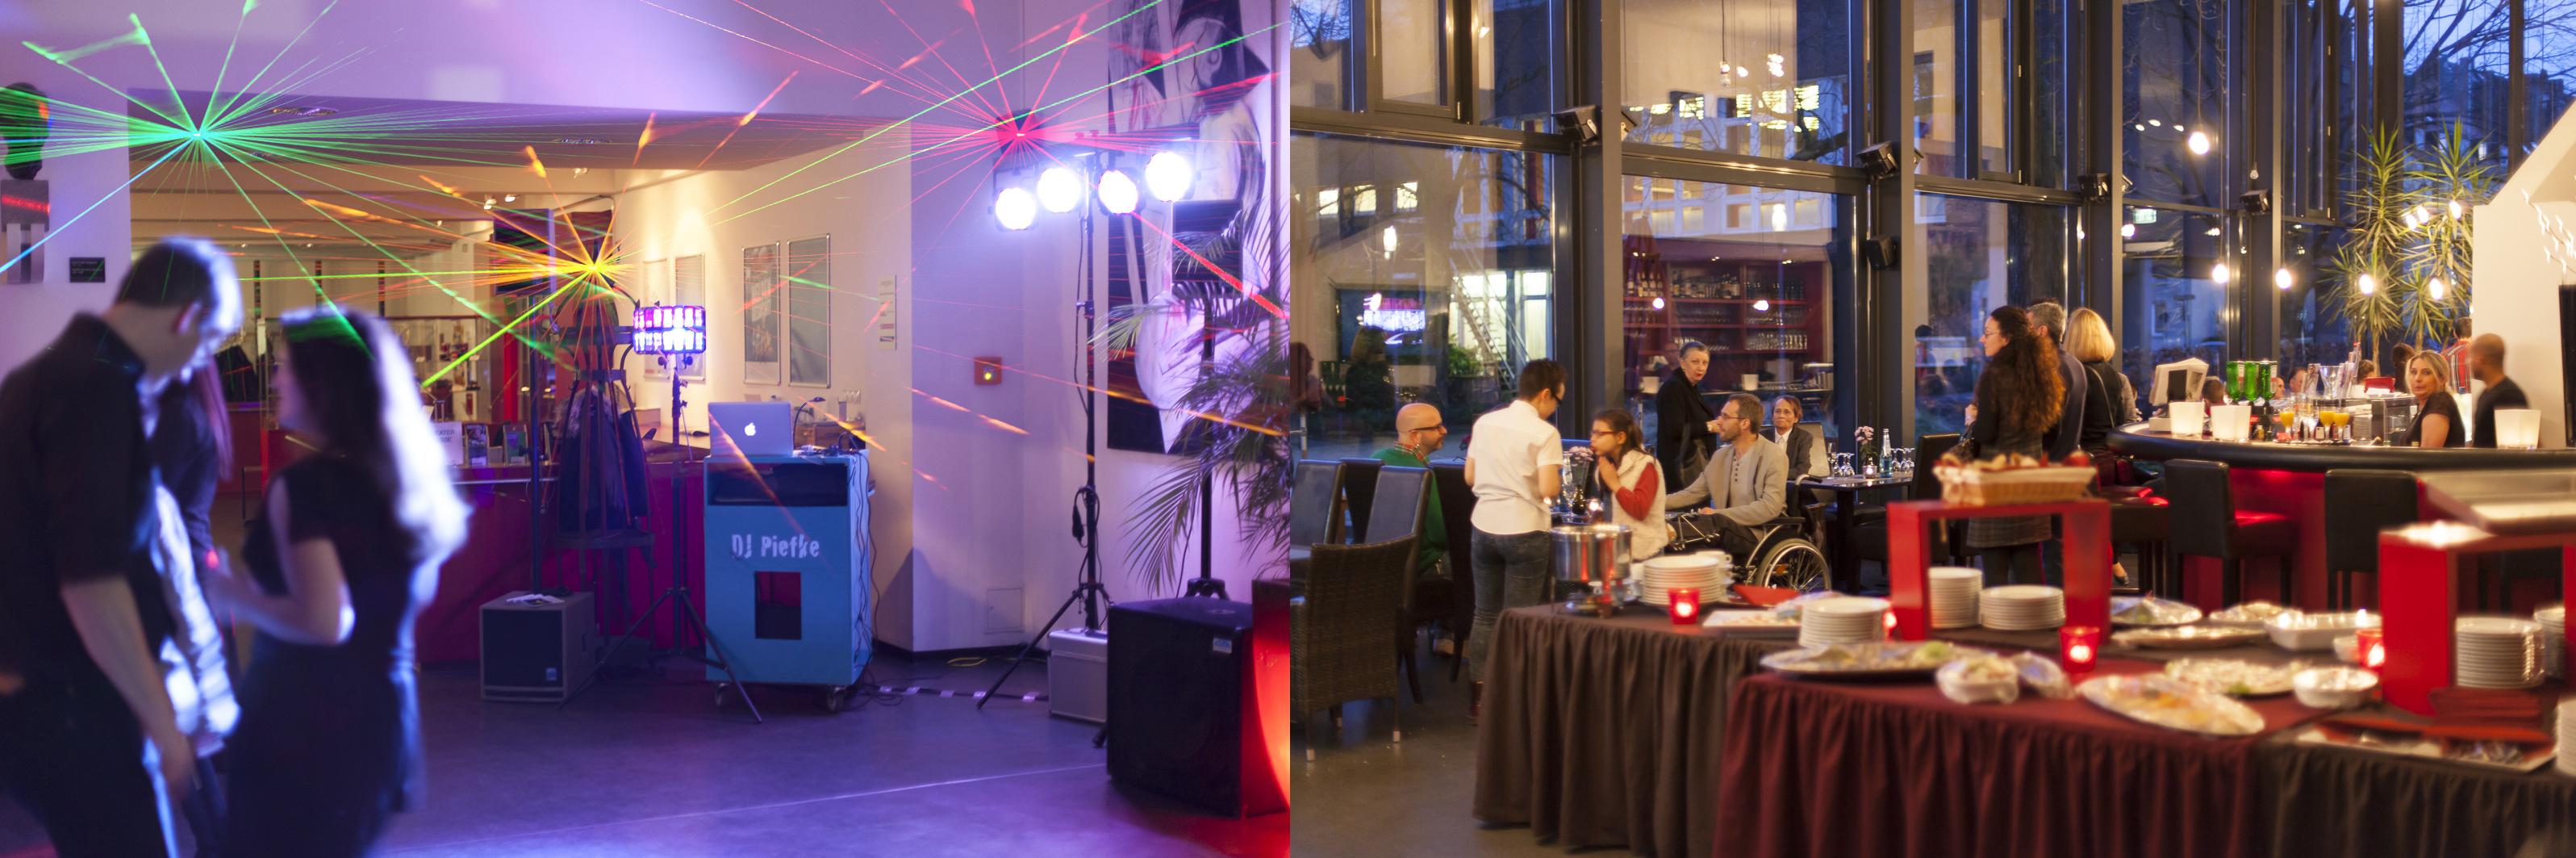 DJ-Piefke_Helms-Lounge2014_01